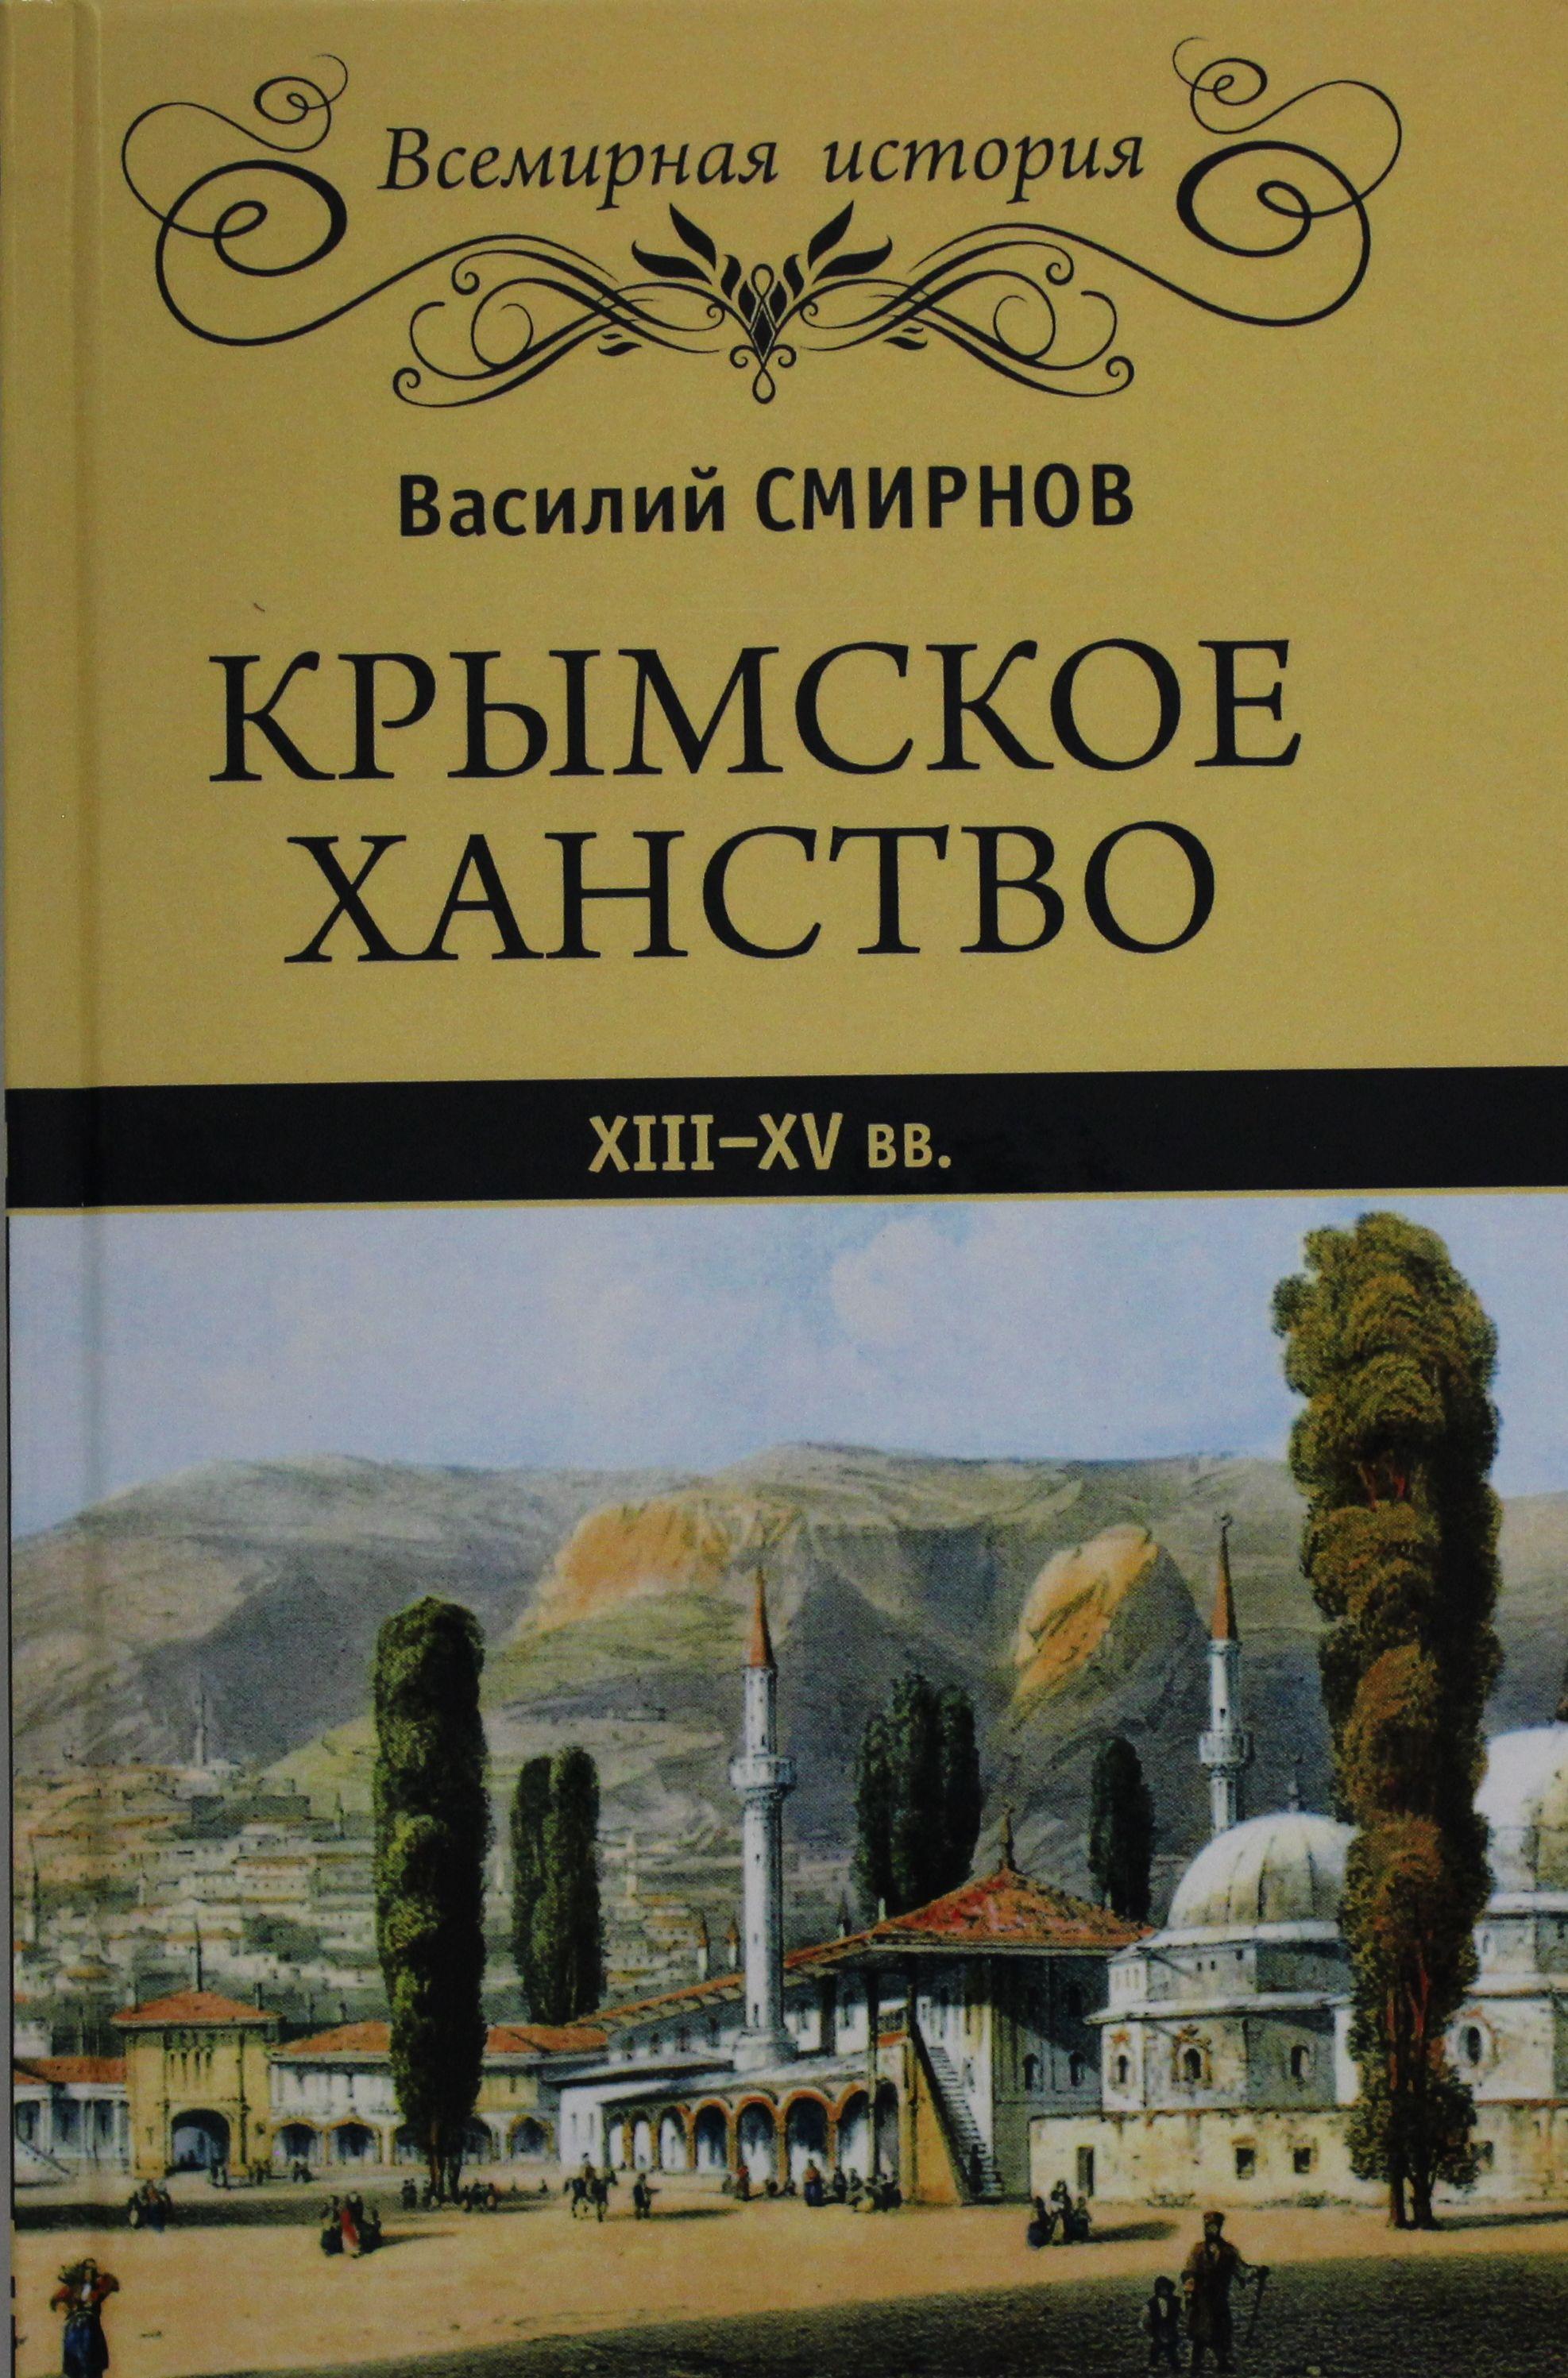 Крымское ханство XIII - XV вв.